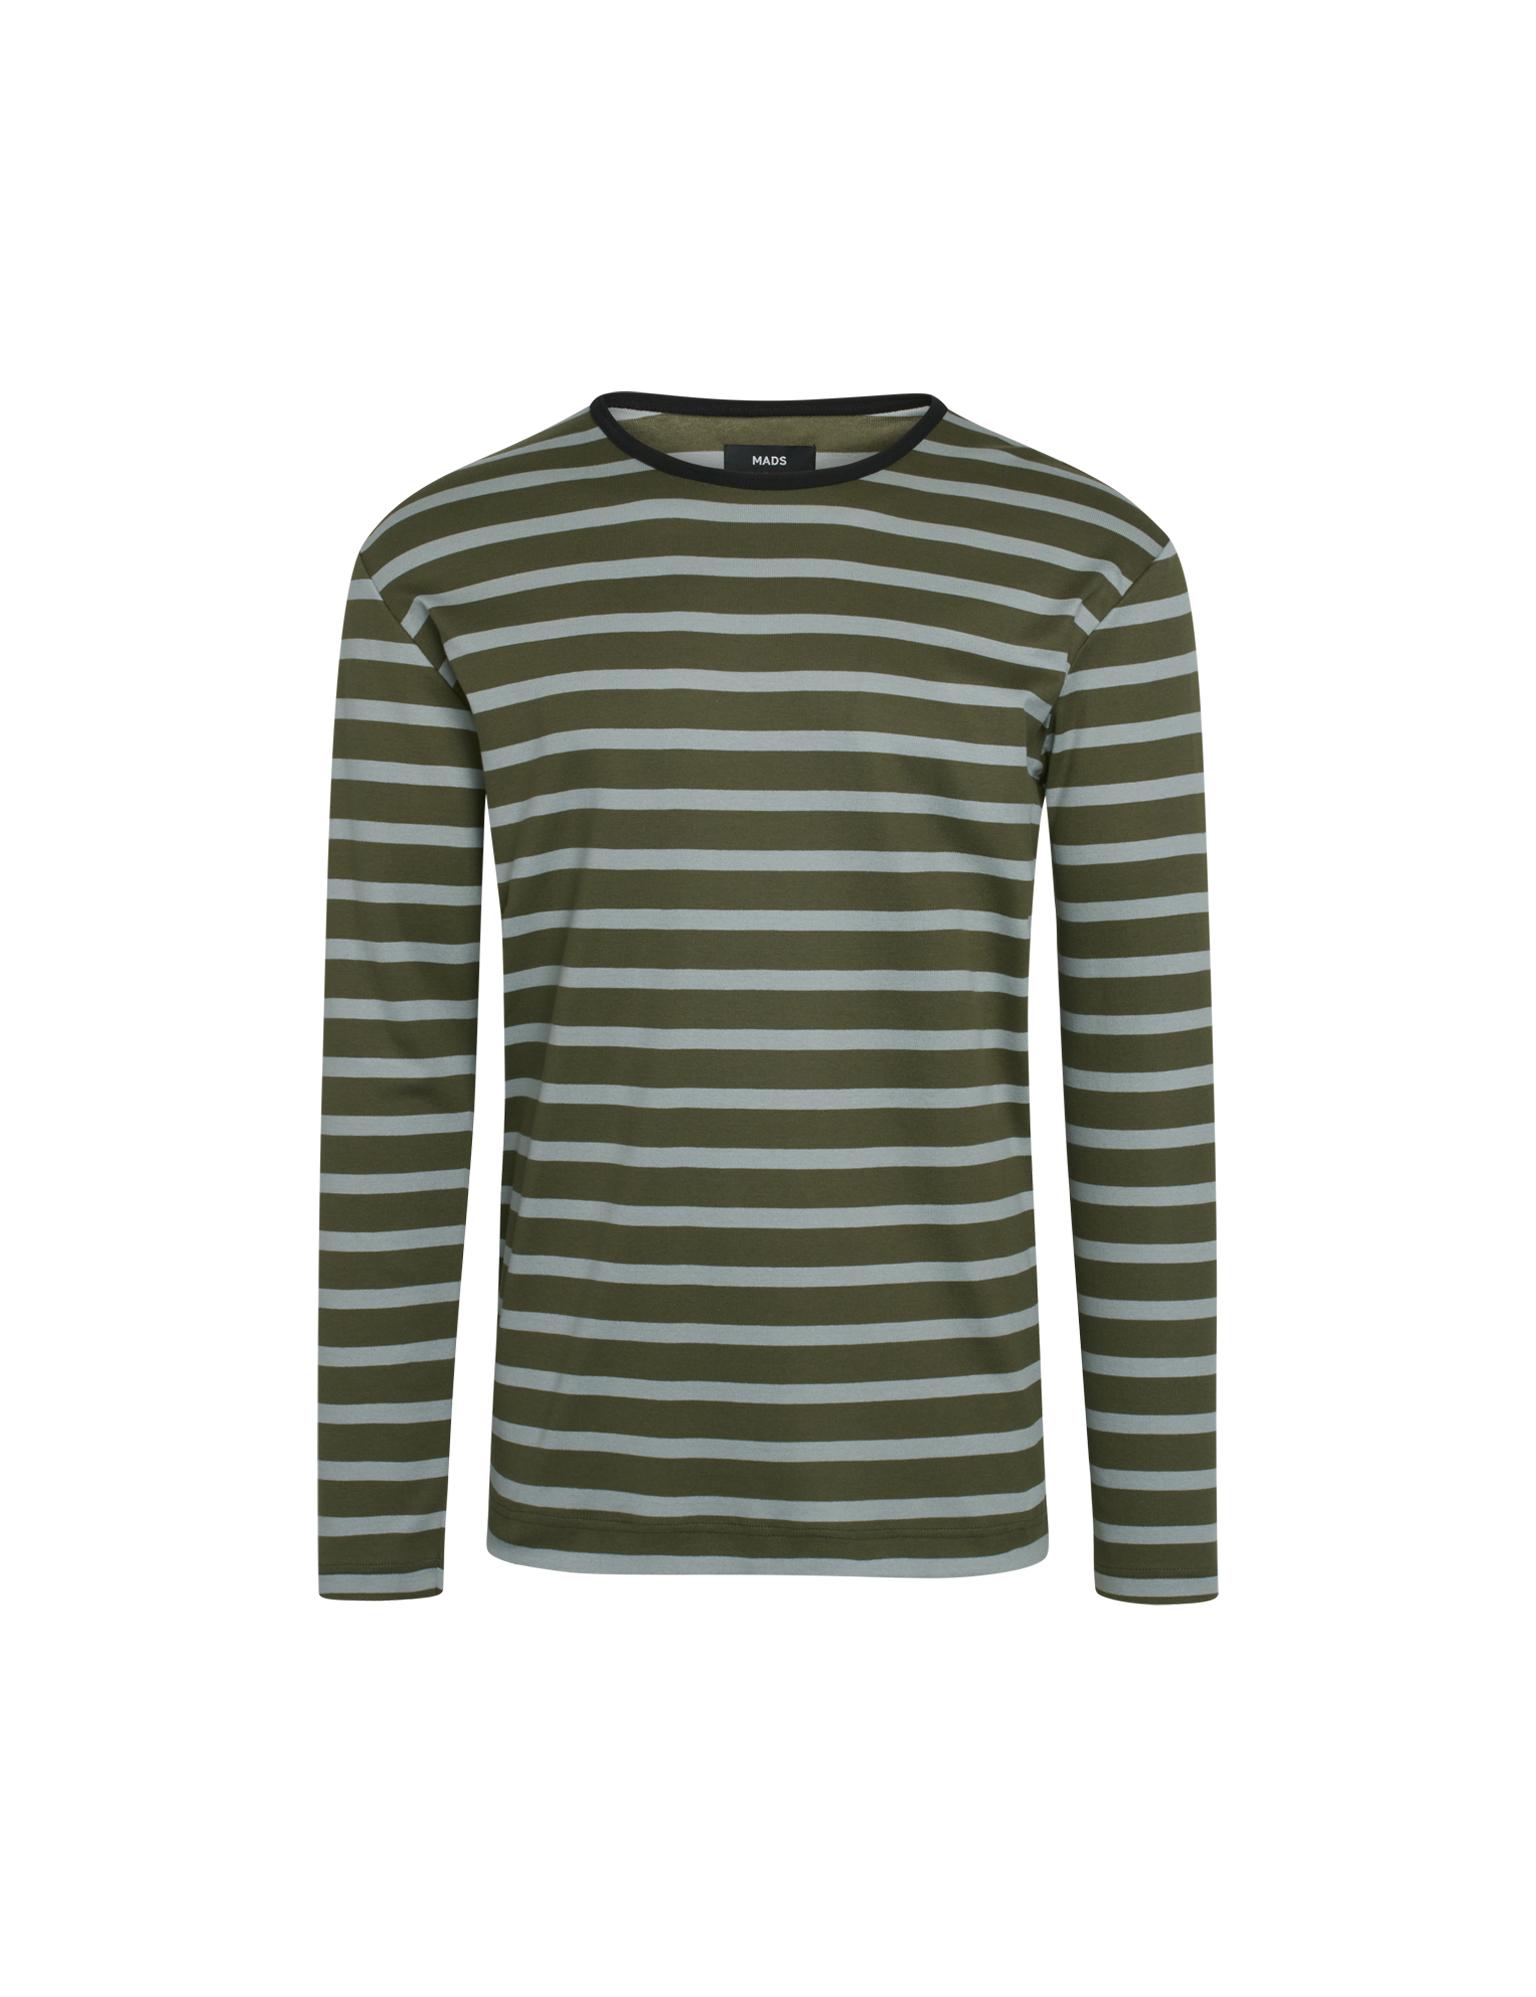 Mads Nørgaard Tobias LS t-shirt, oliven, large